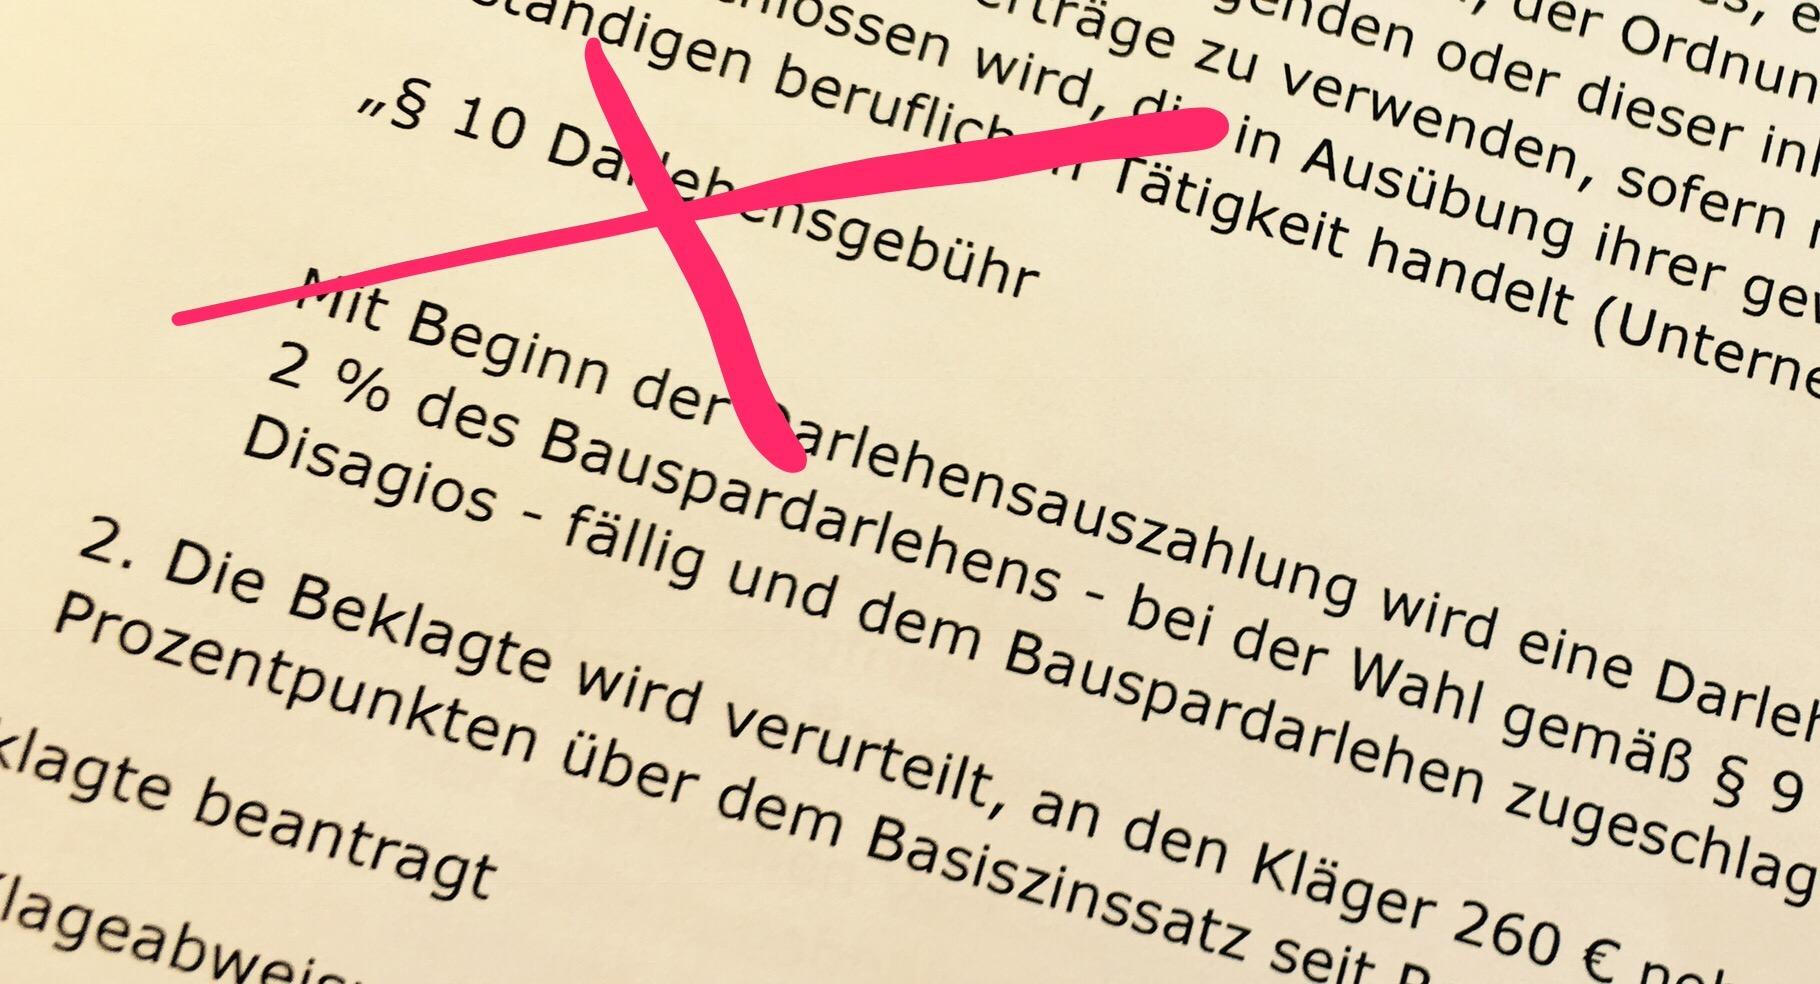 BGH kippt Darlehensgebühr bei Bausparverträgen  (Urteil v. 08.11.2016 – XI ZR 552/15)